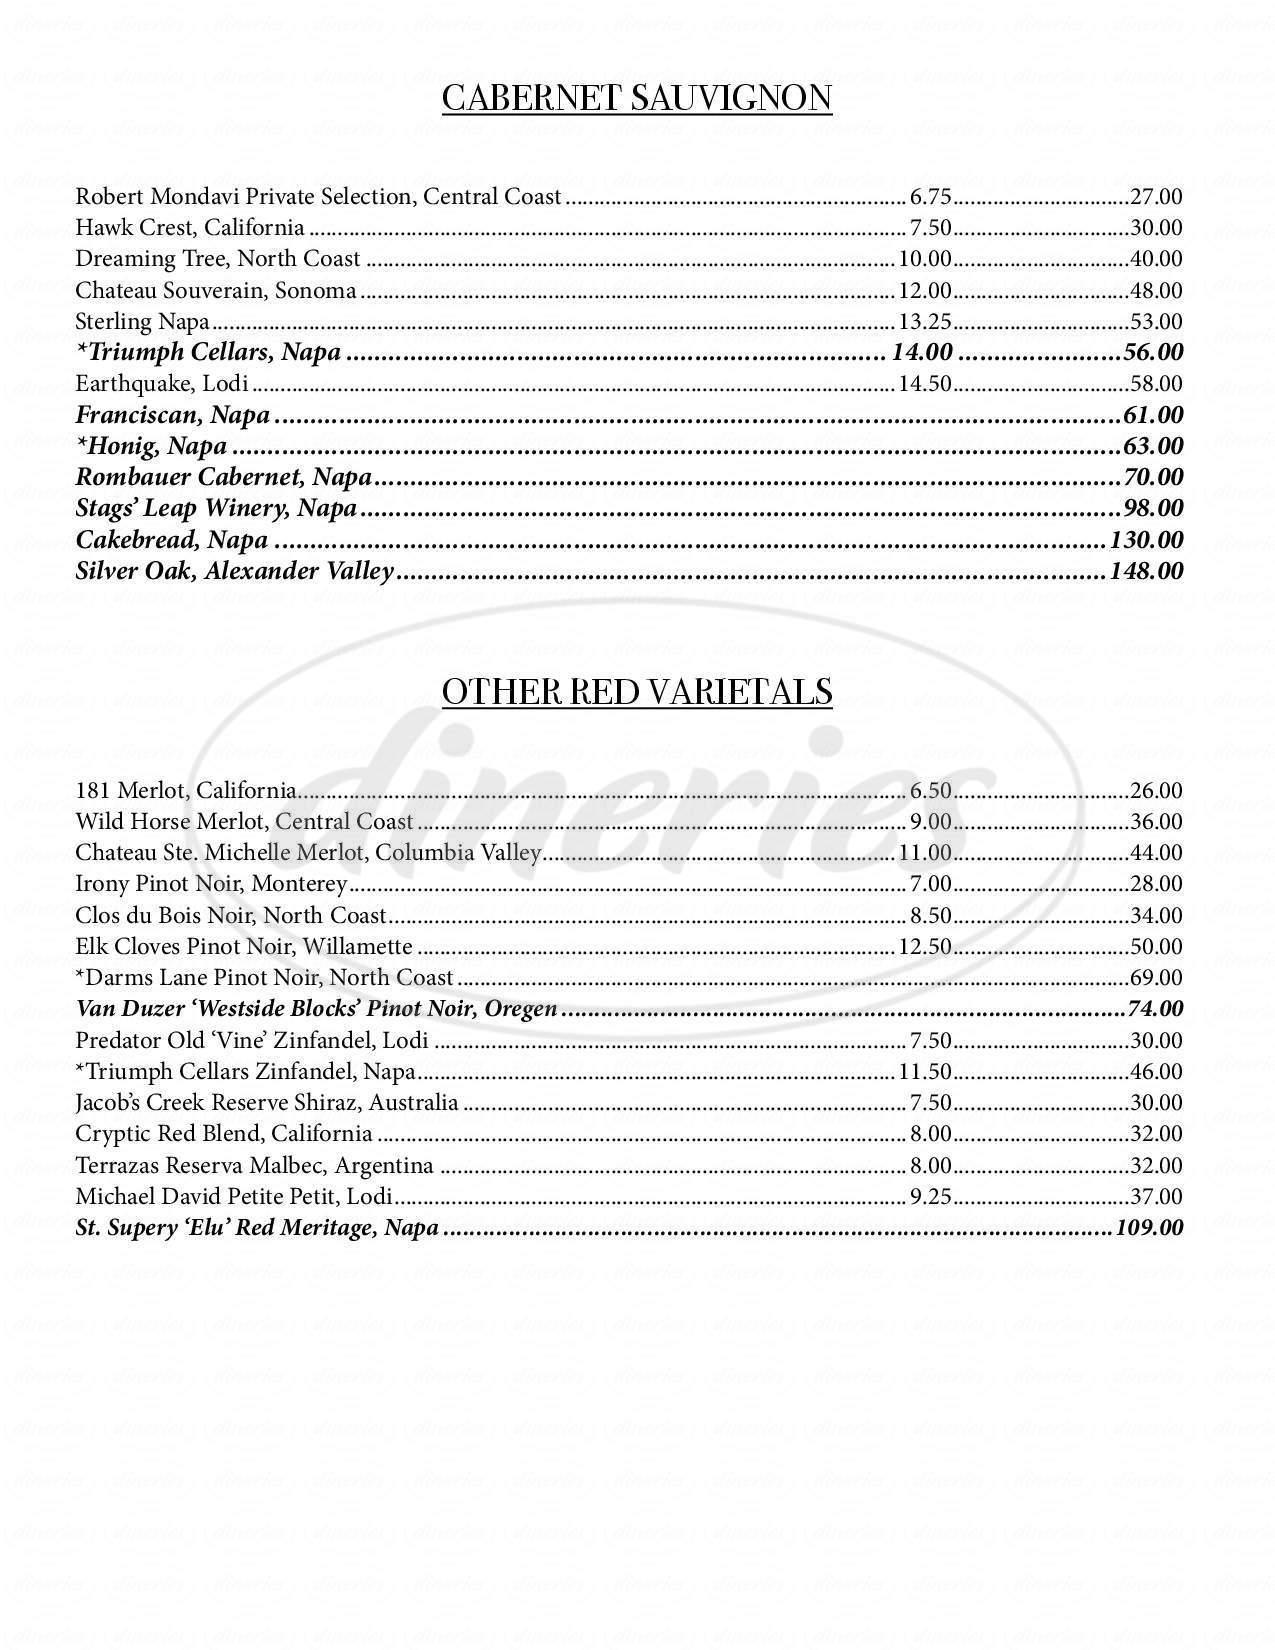 menu for McGill's